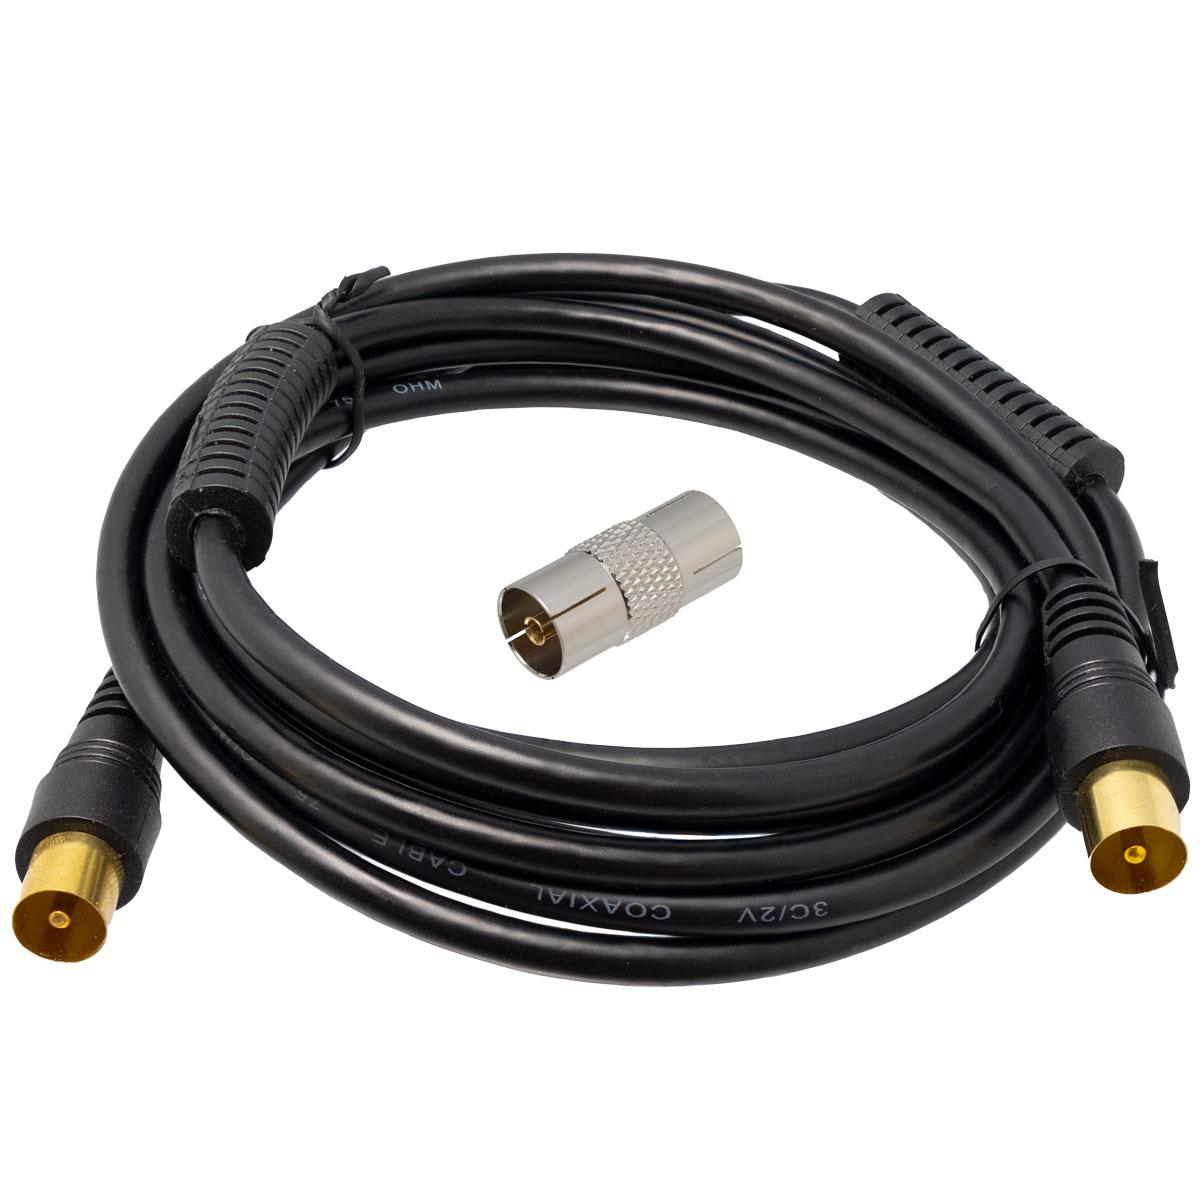 Conjunto cable de antena COAXIAL 1,5m negro con ferritas Macho - Macho y adaptador Hembra - Hembra